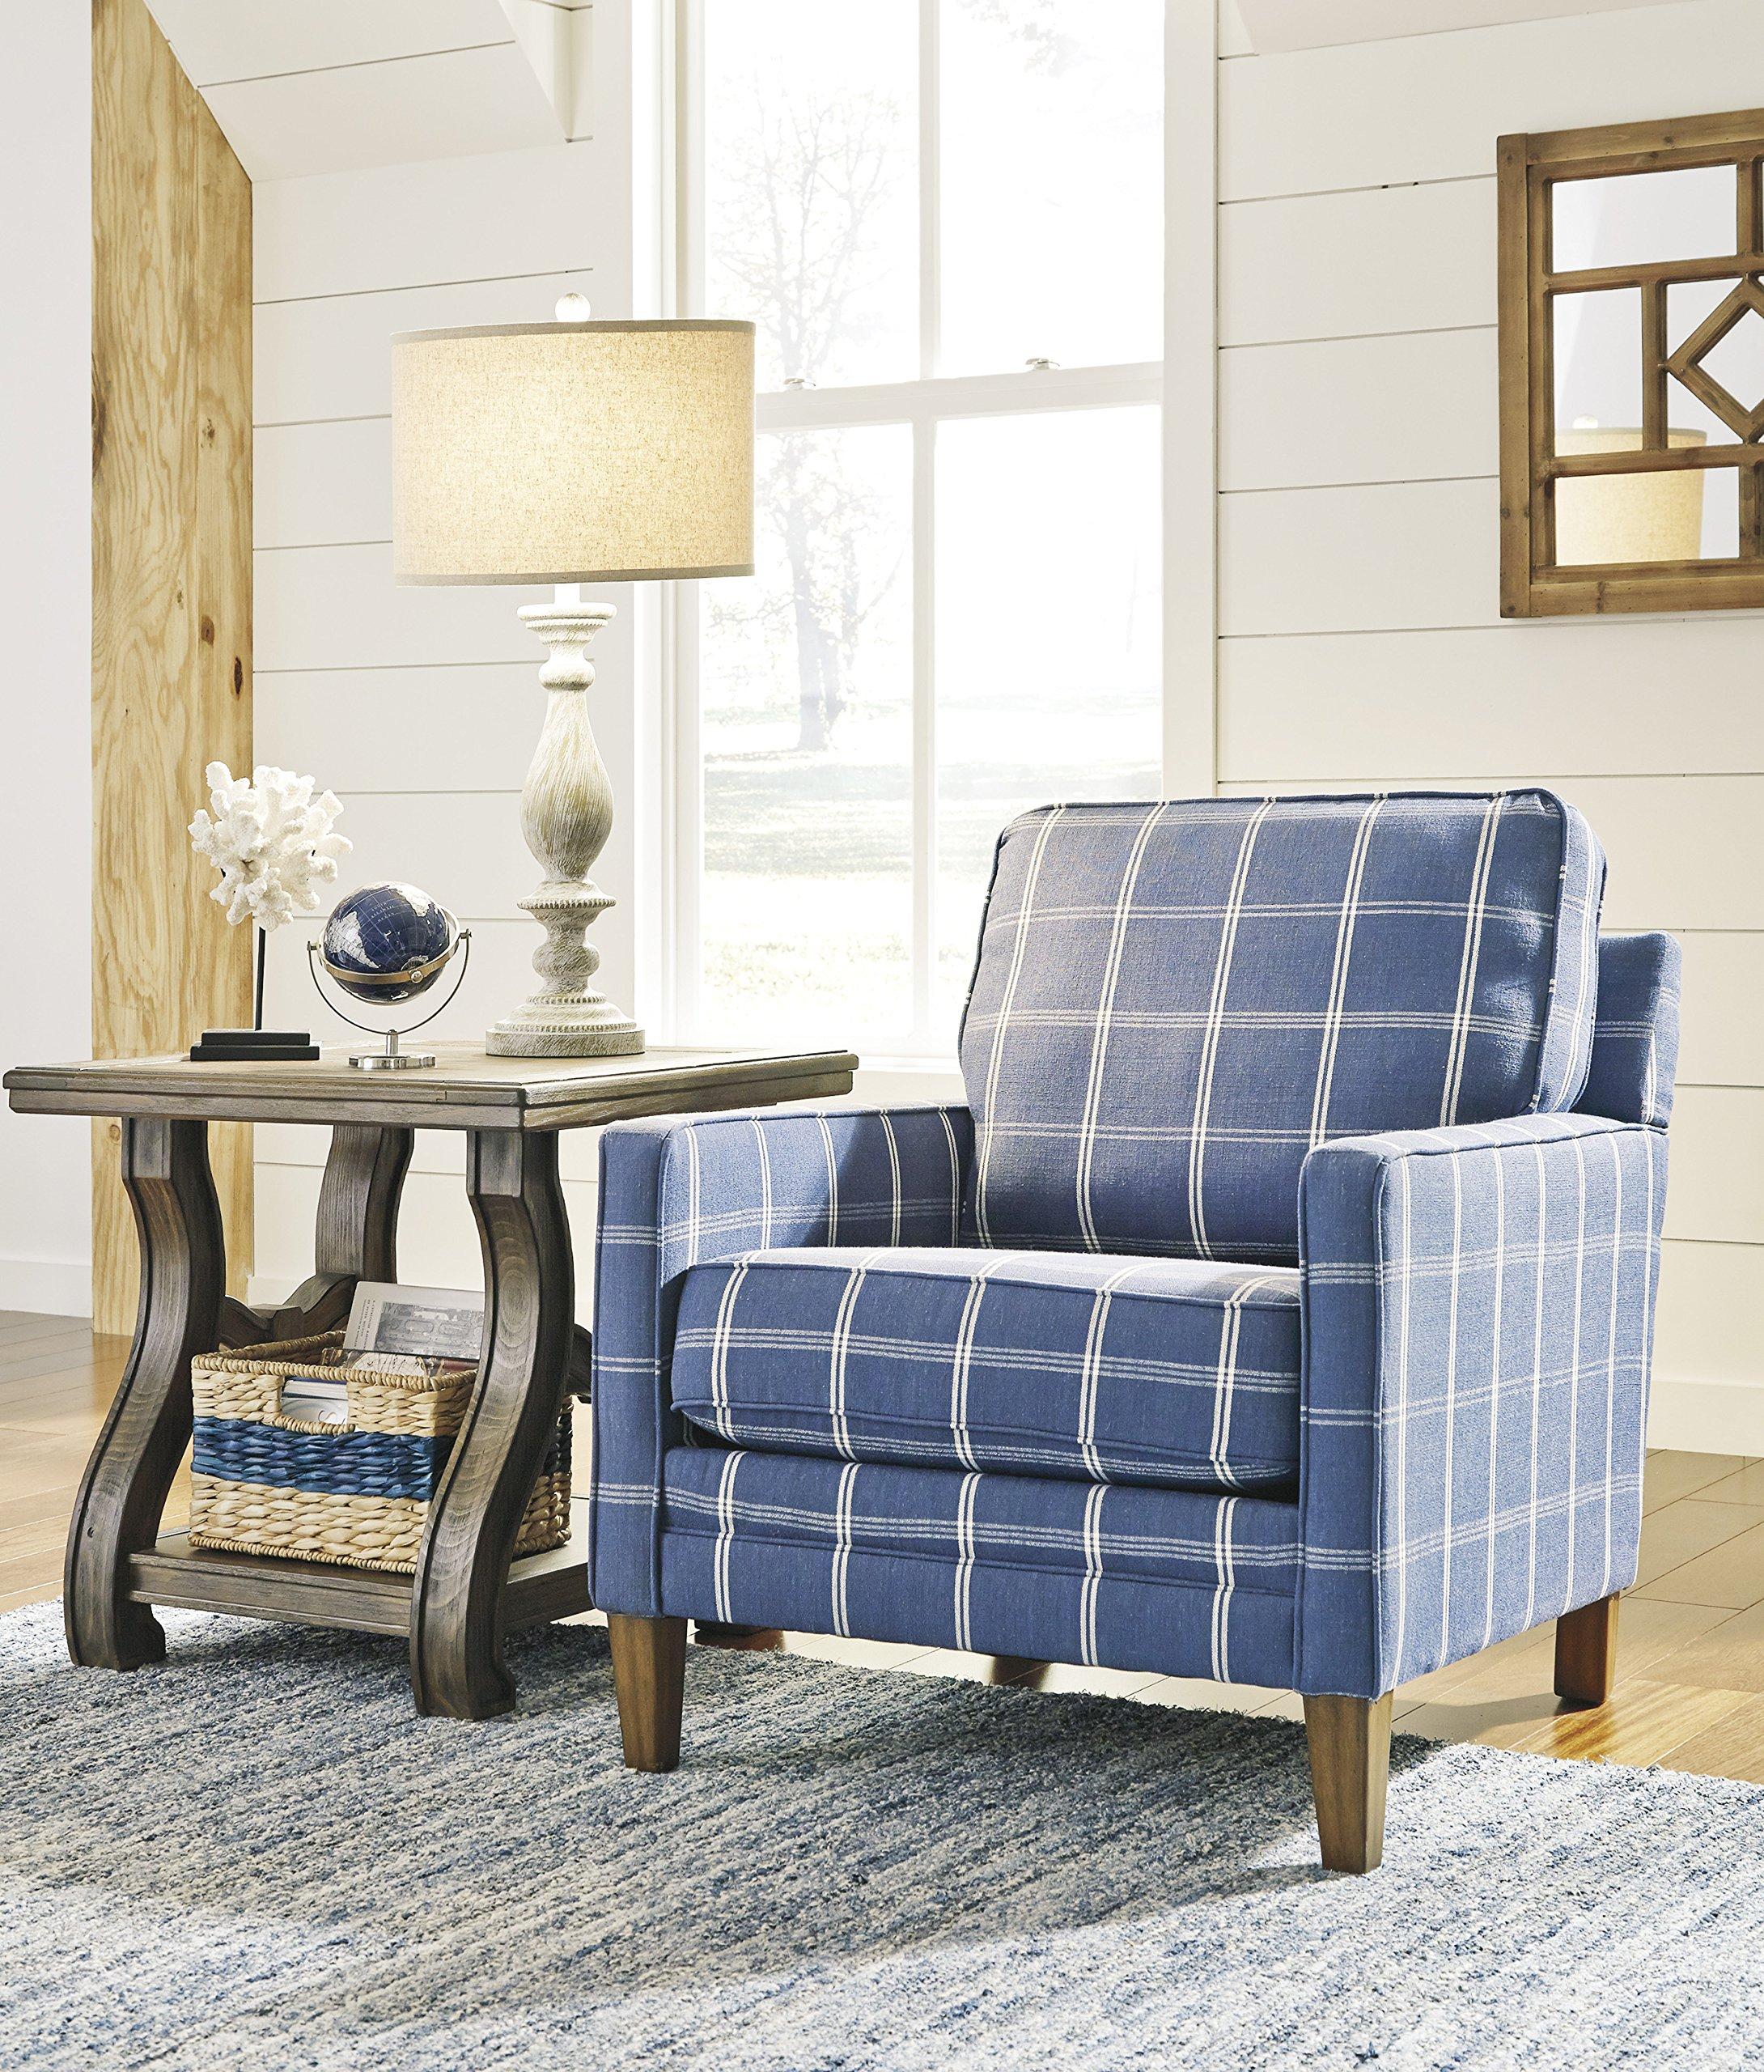 Adderbury Blue and White Windowpane Plaid Print Accent Arm Chair